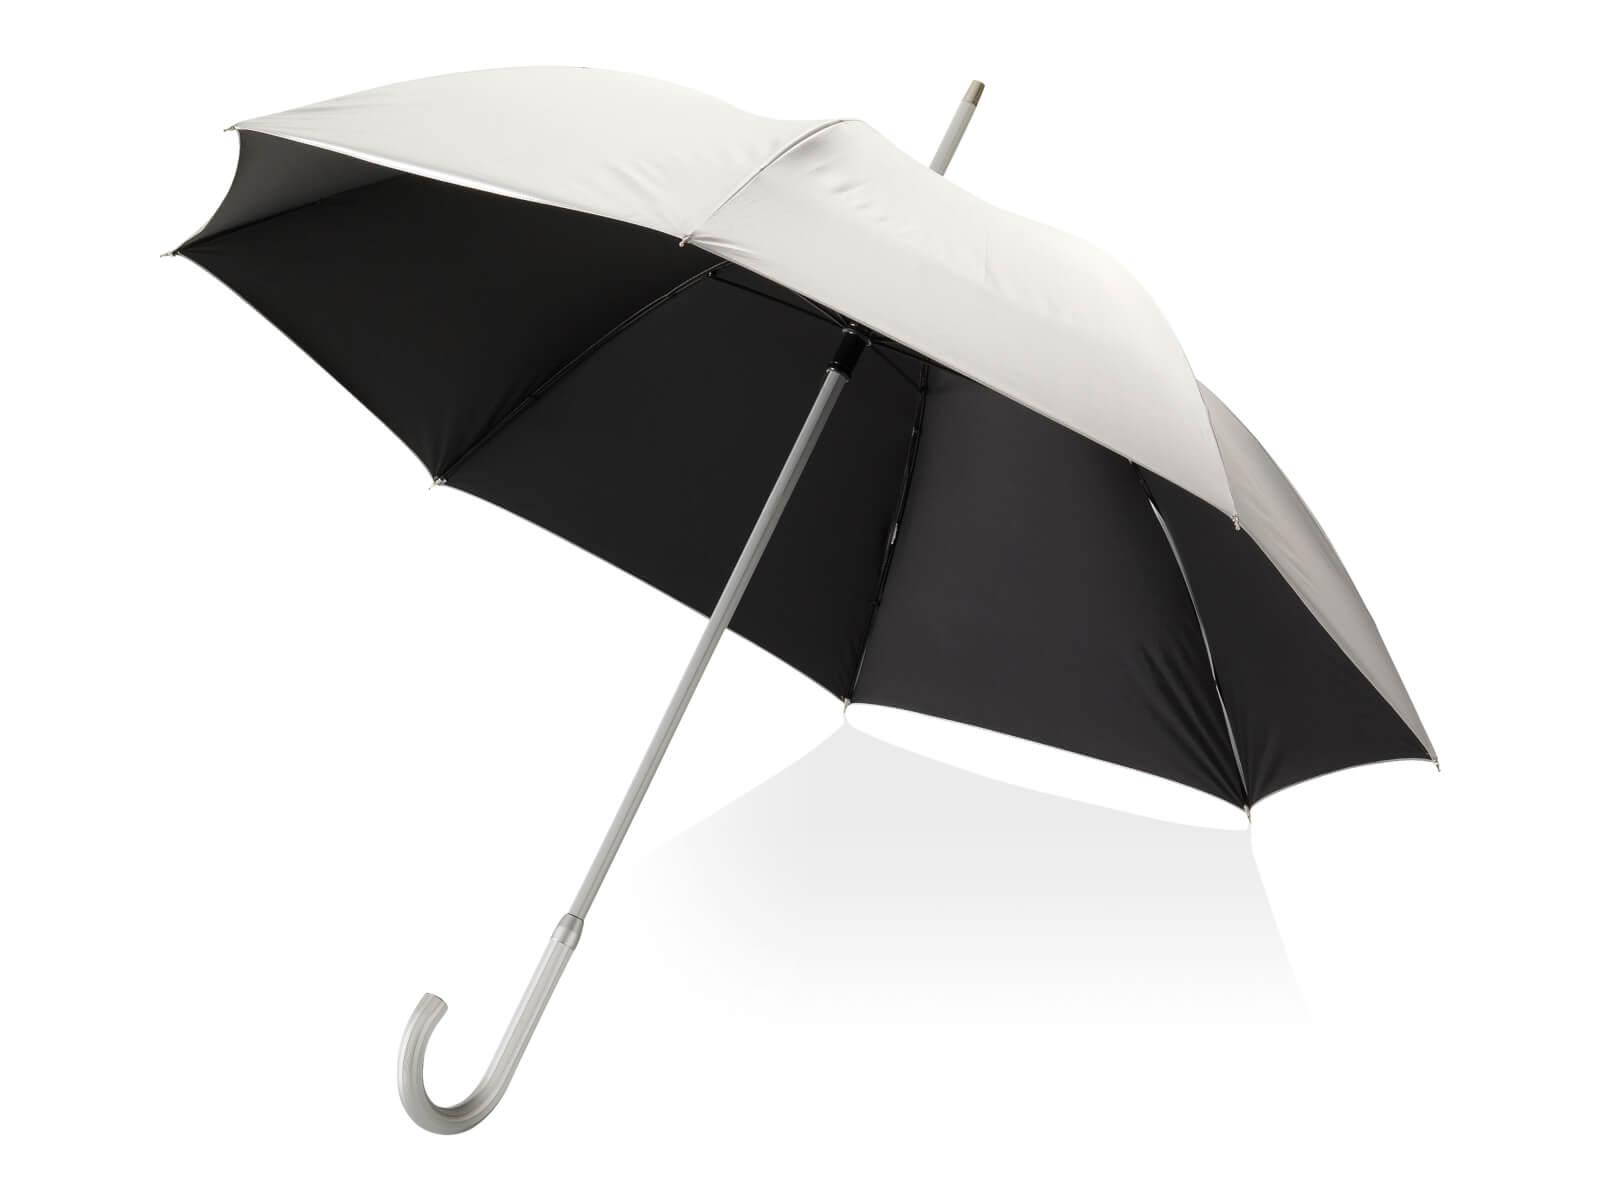 En bild på ett paraply